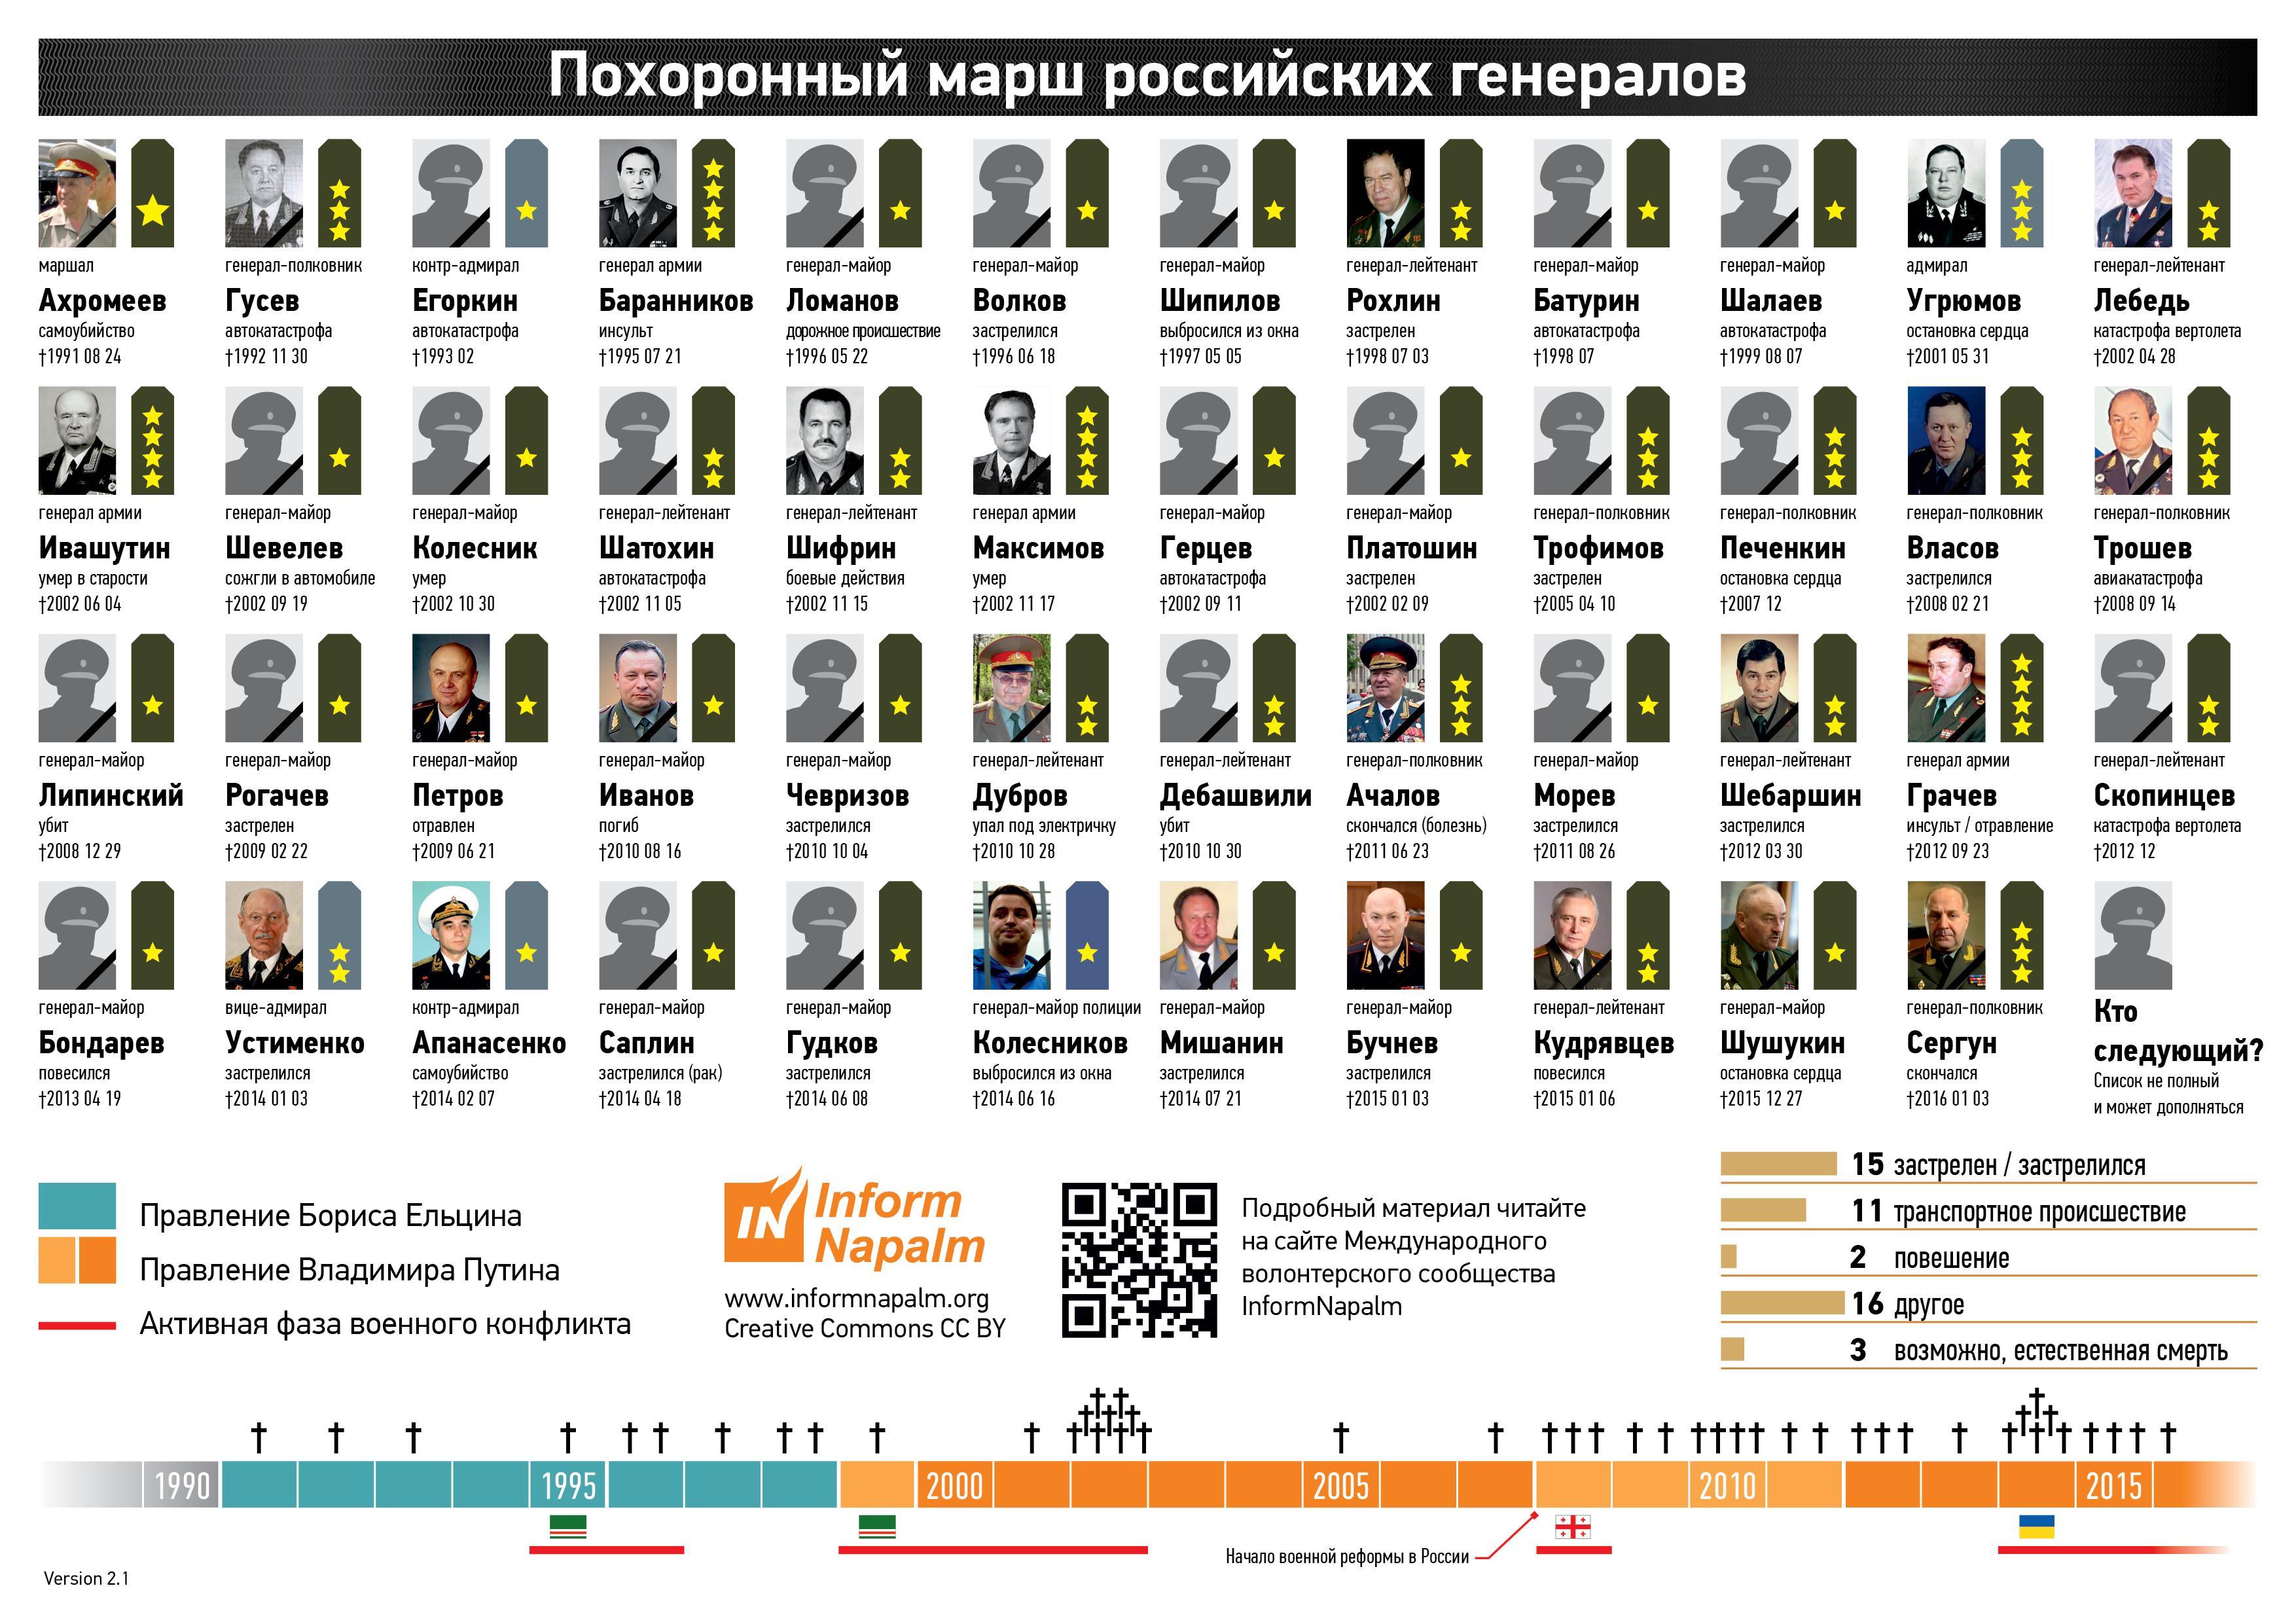 rus_generals_d01_ru